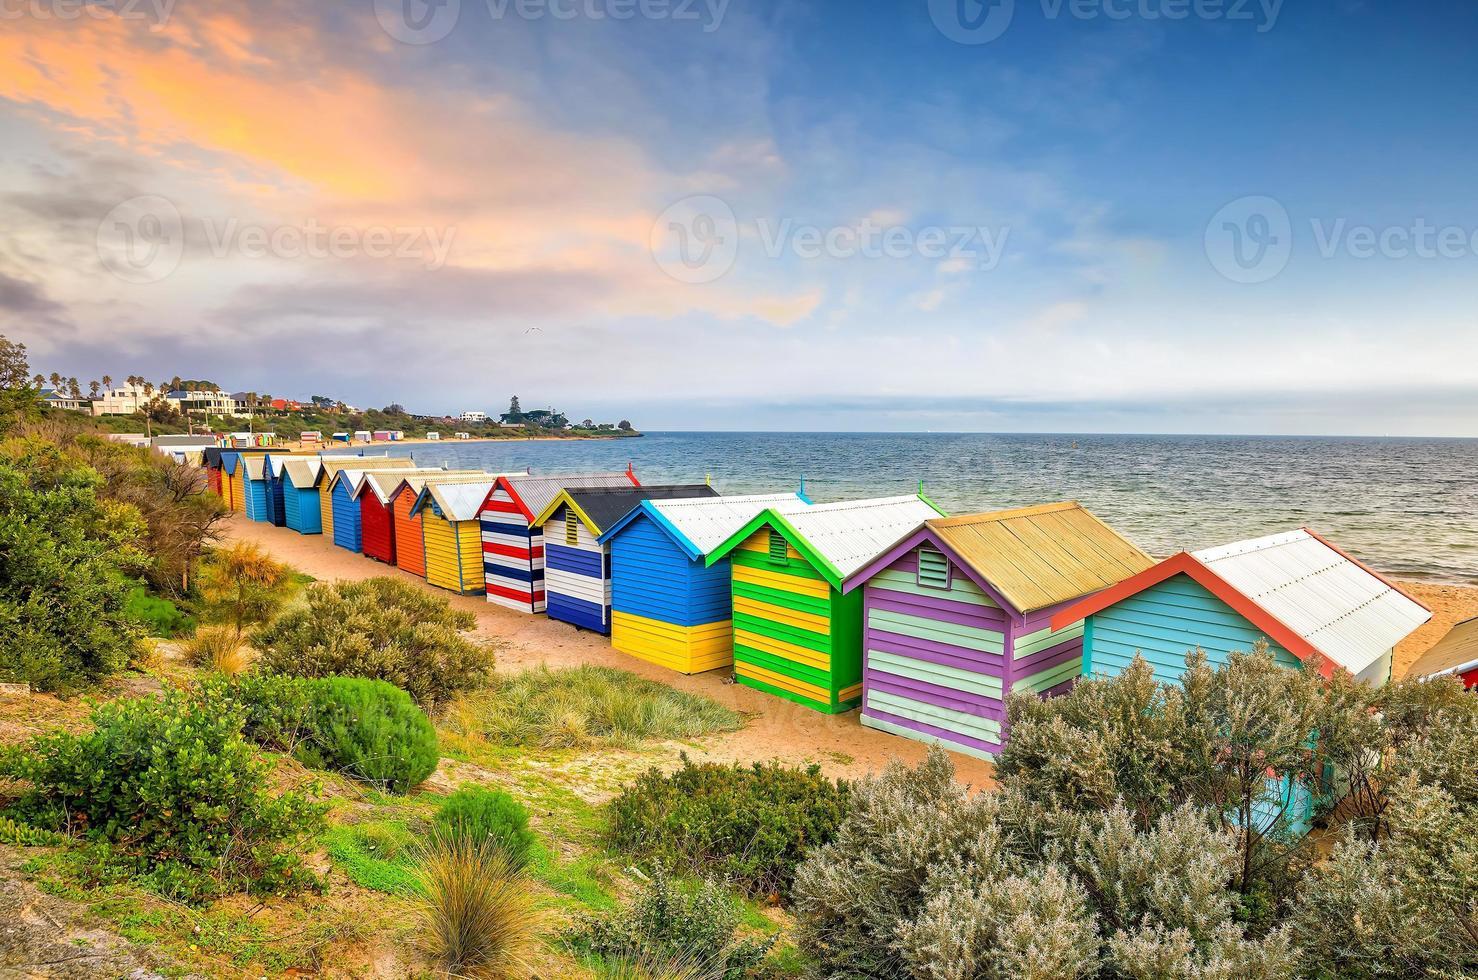 kleurrijk strandhuis aan het strand van Brighton, Melbourne foto